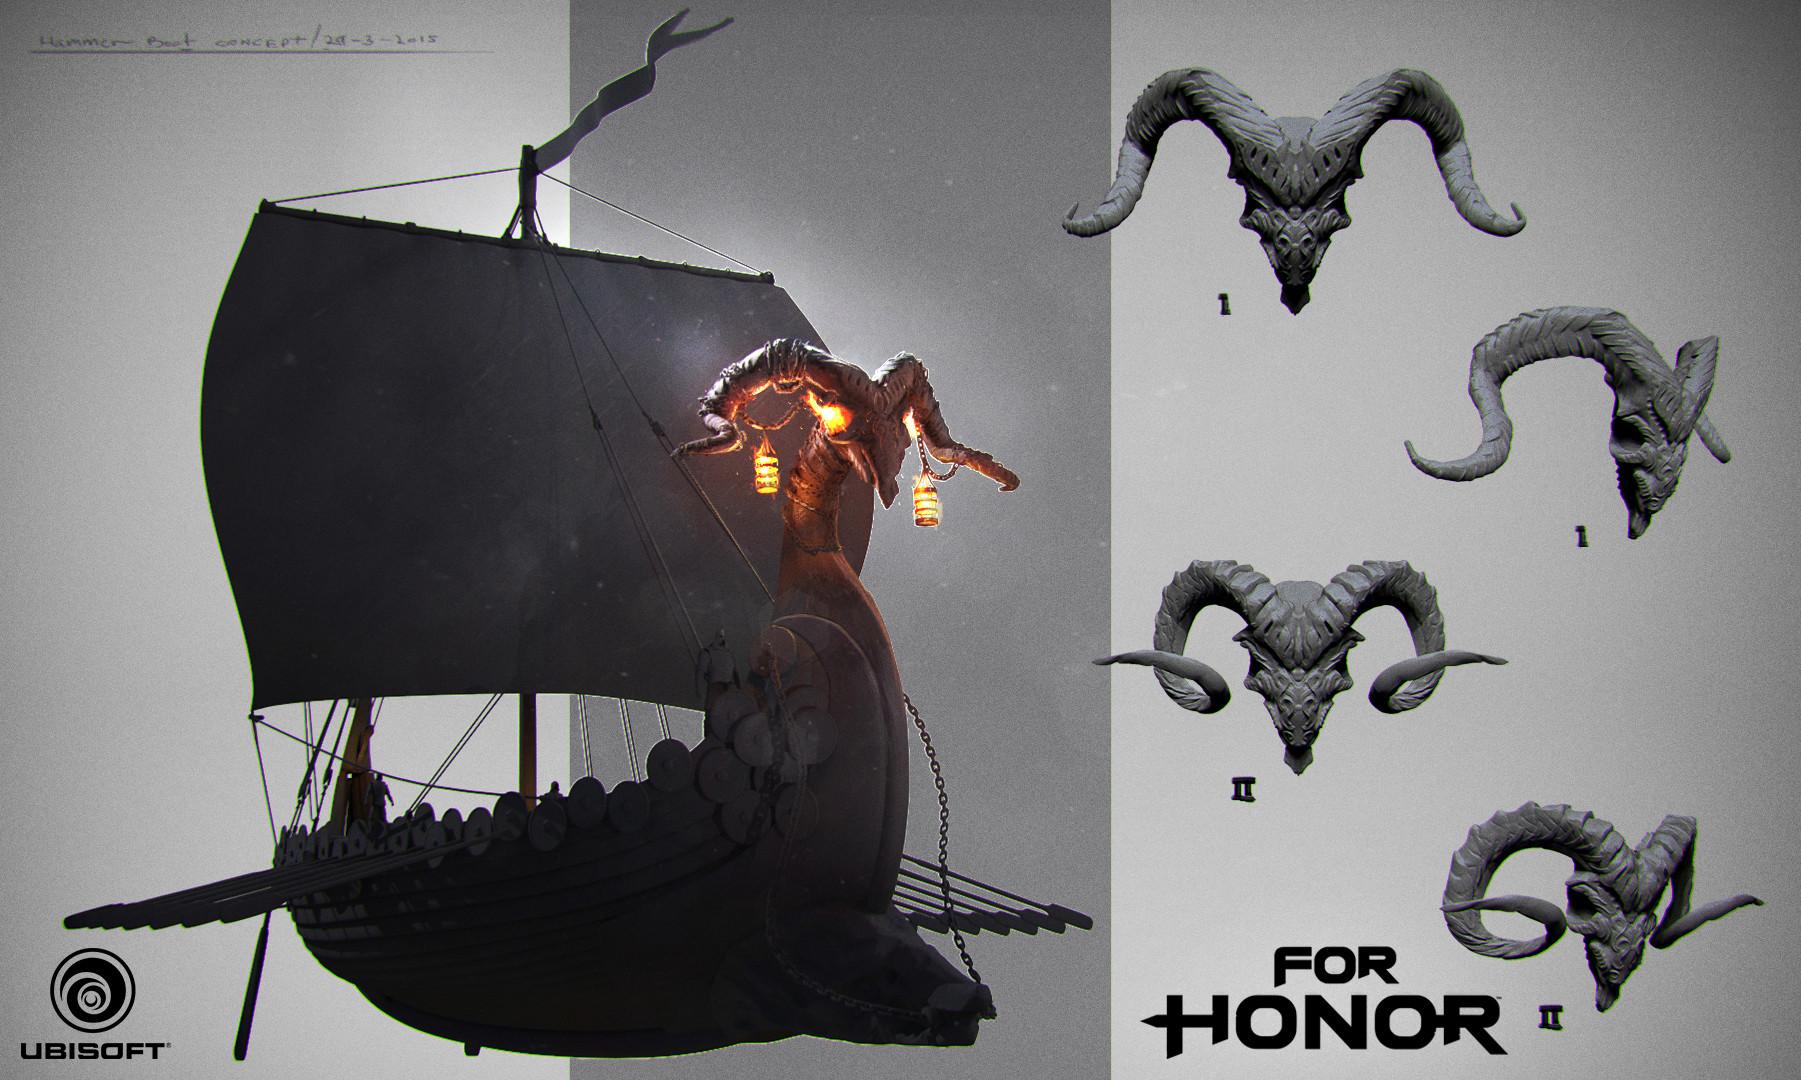 Vladimir somov vladimir somov for honor drakkar concept 01